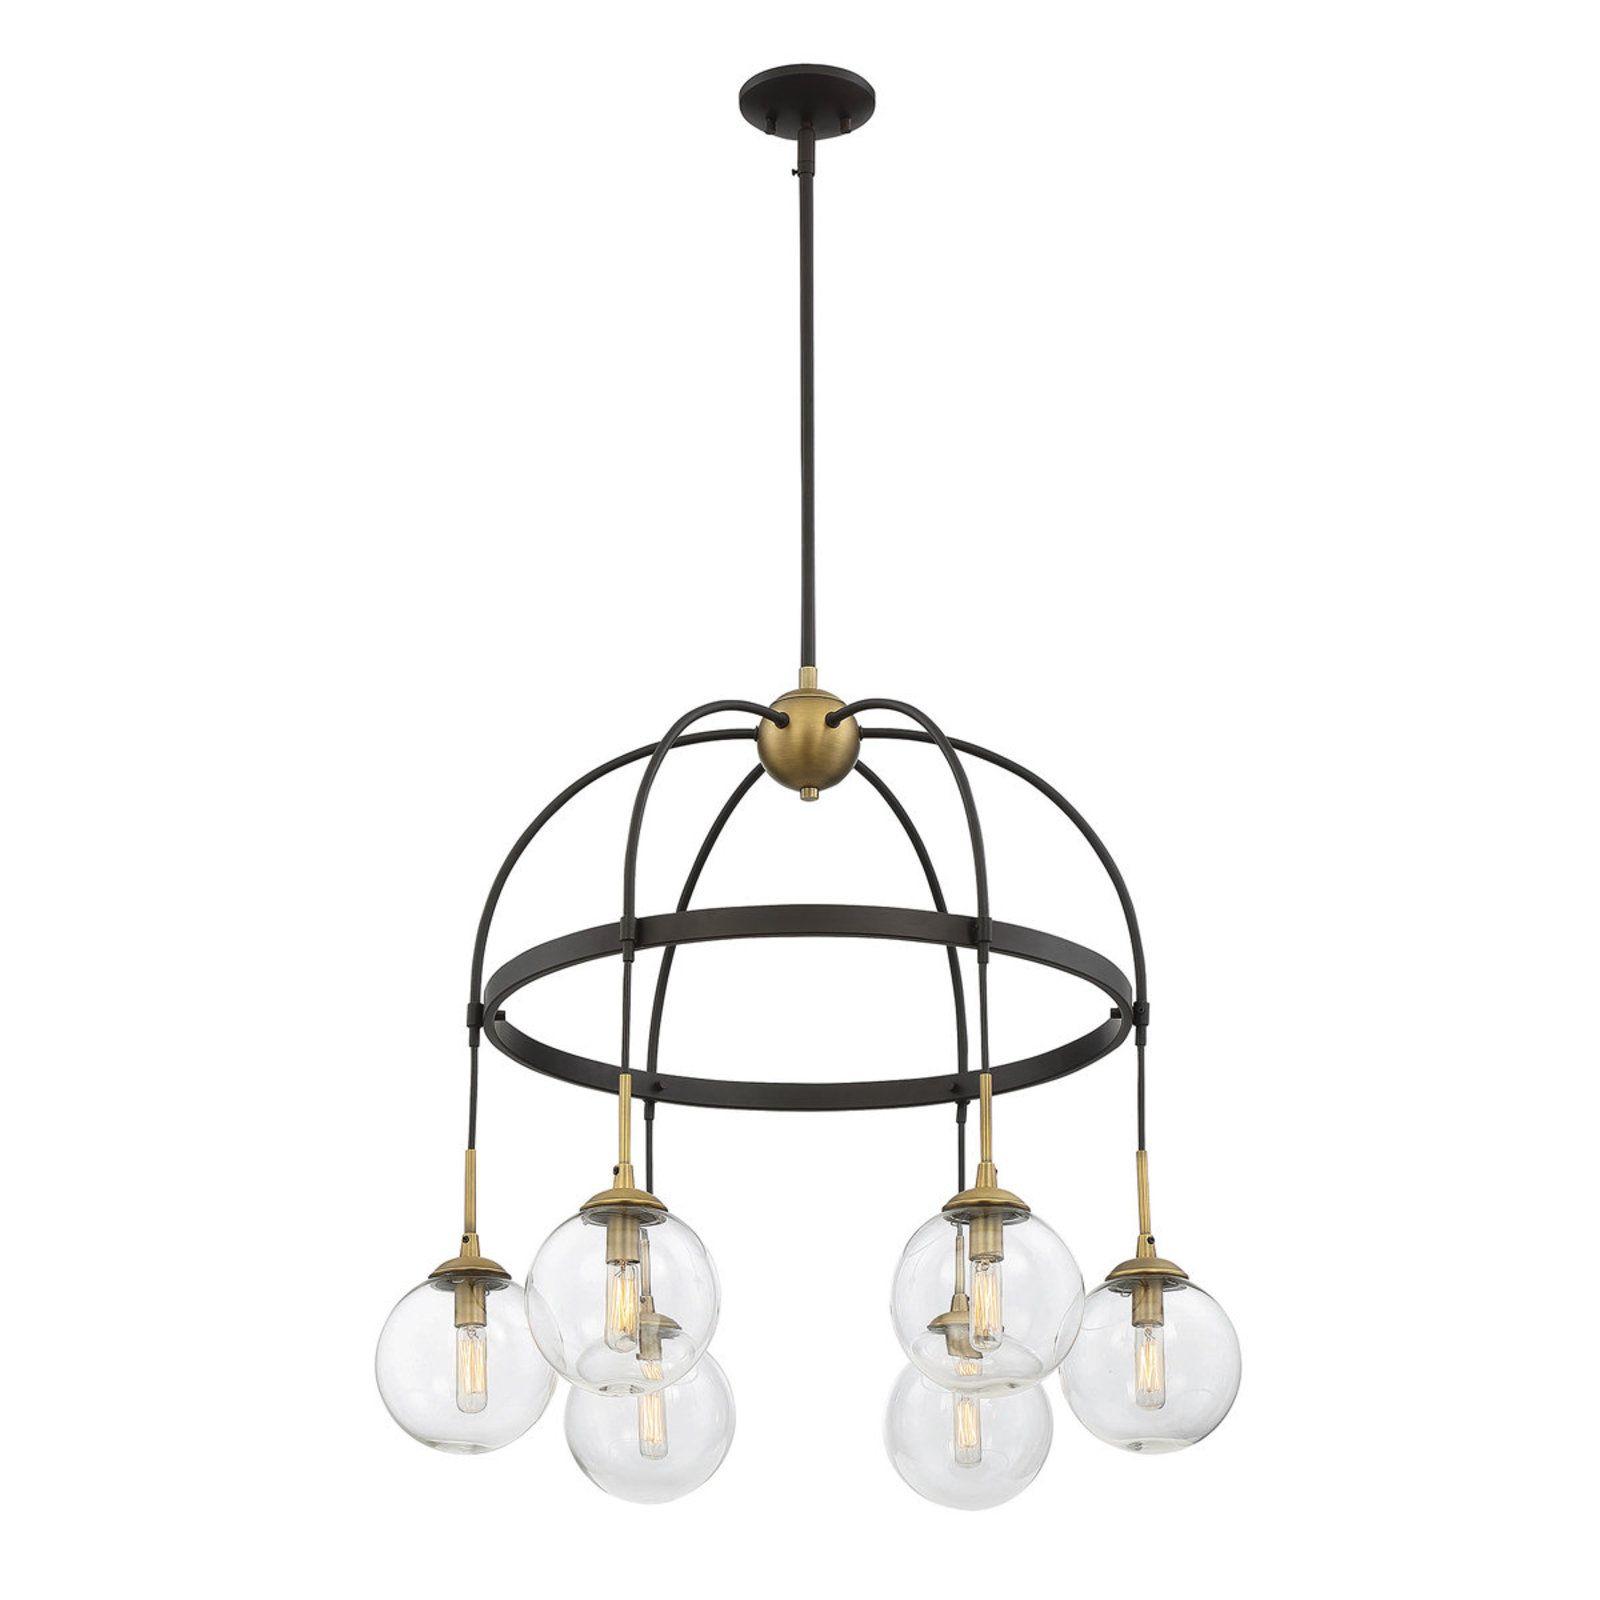 Hanging globe round chandelier 6 light round chandelier hanging globe round chandelier 6 light arubaitofo Gallery